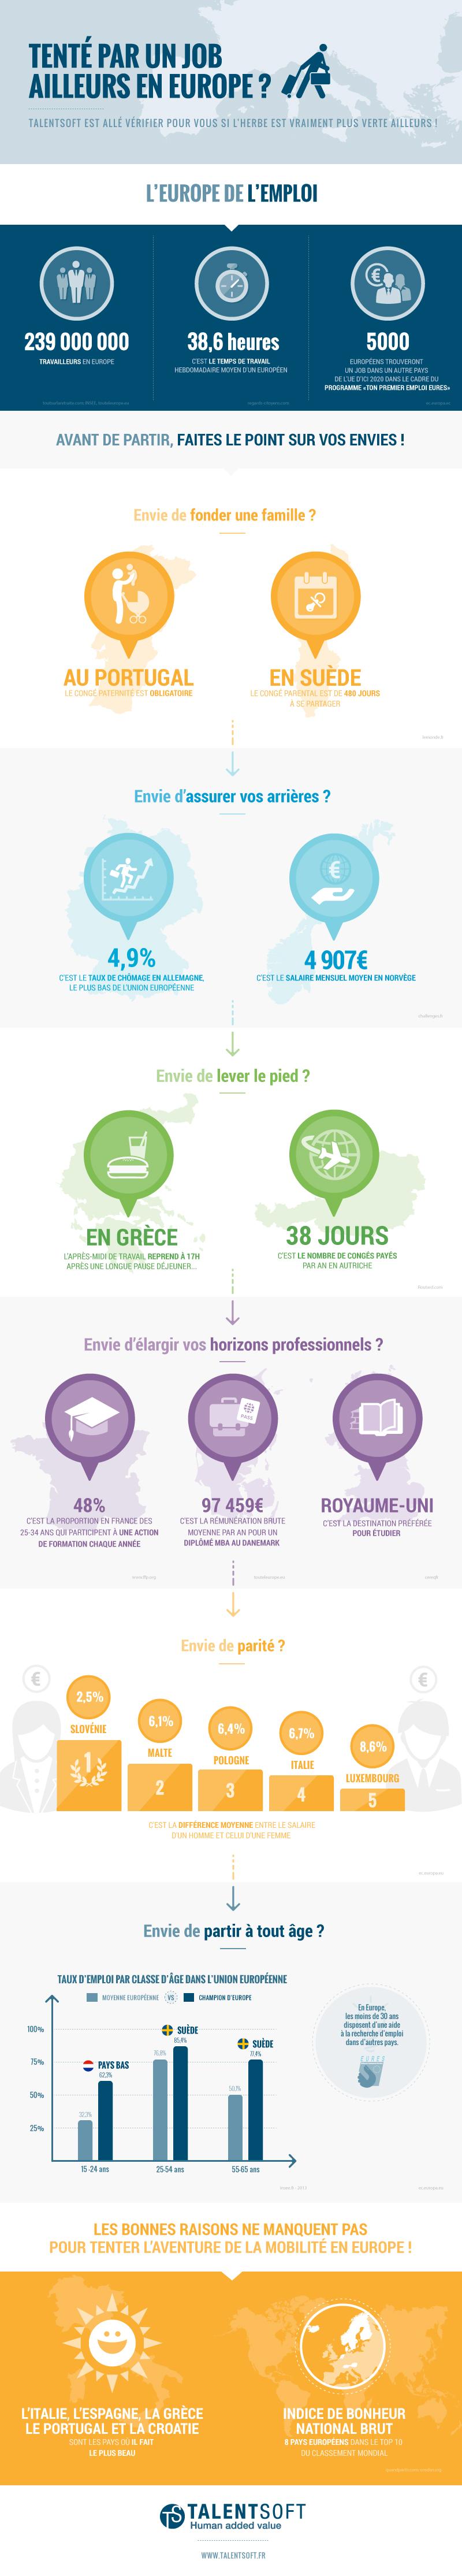 Infographie o devriez vous travailler en europe cabinet recrutement rennes 35 - Cabinet recrutement rennes ...